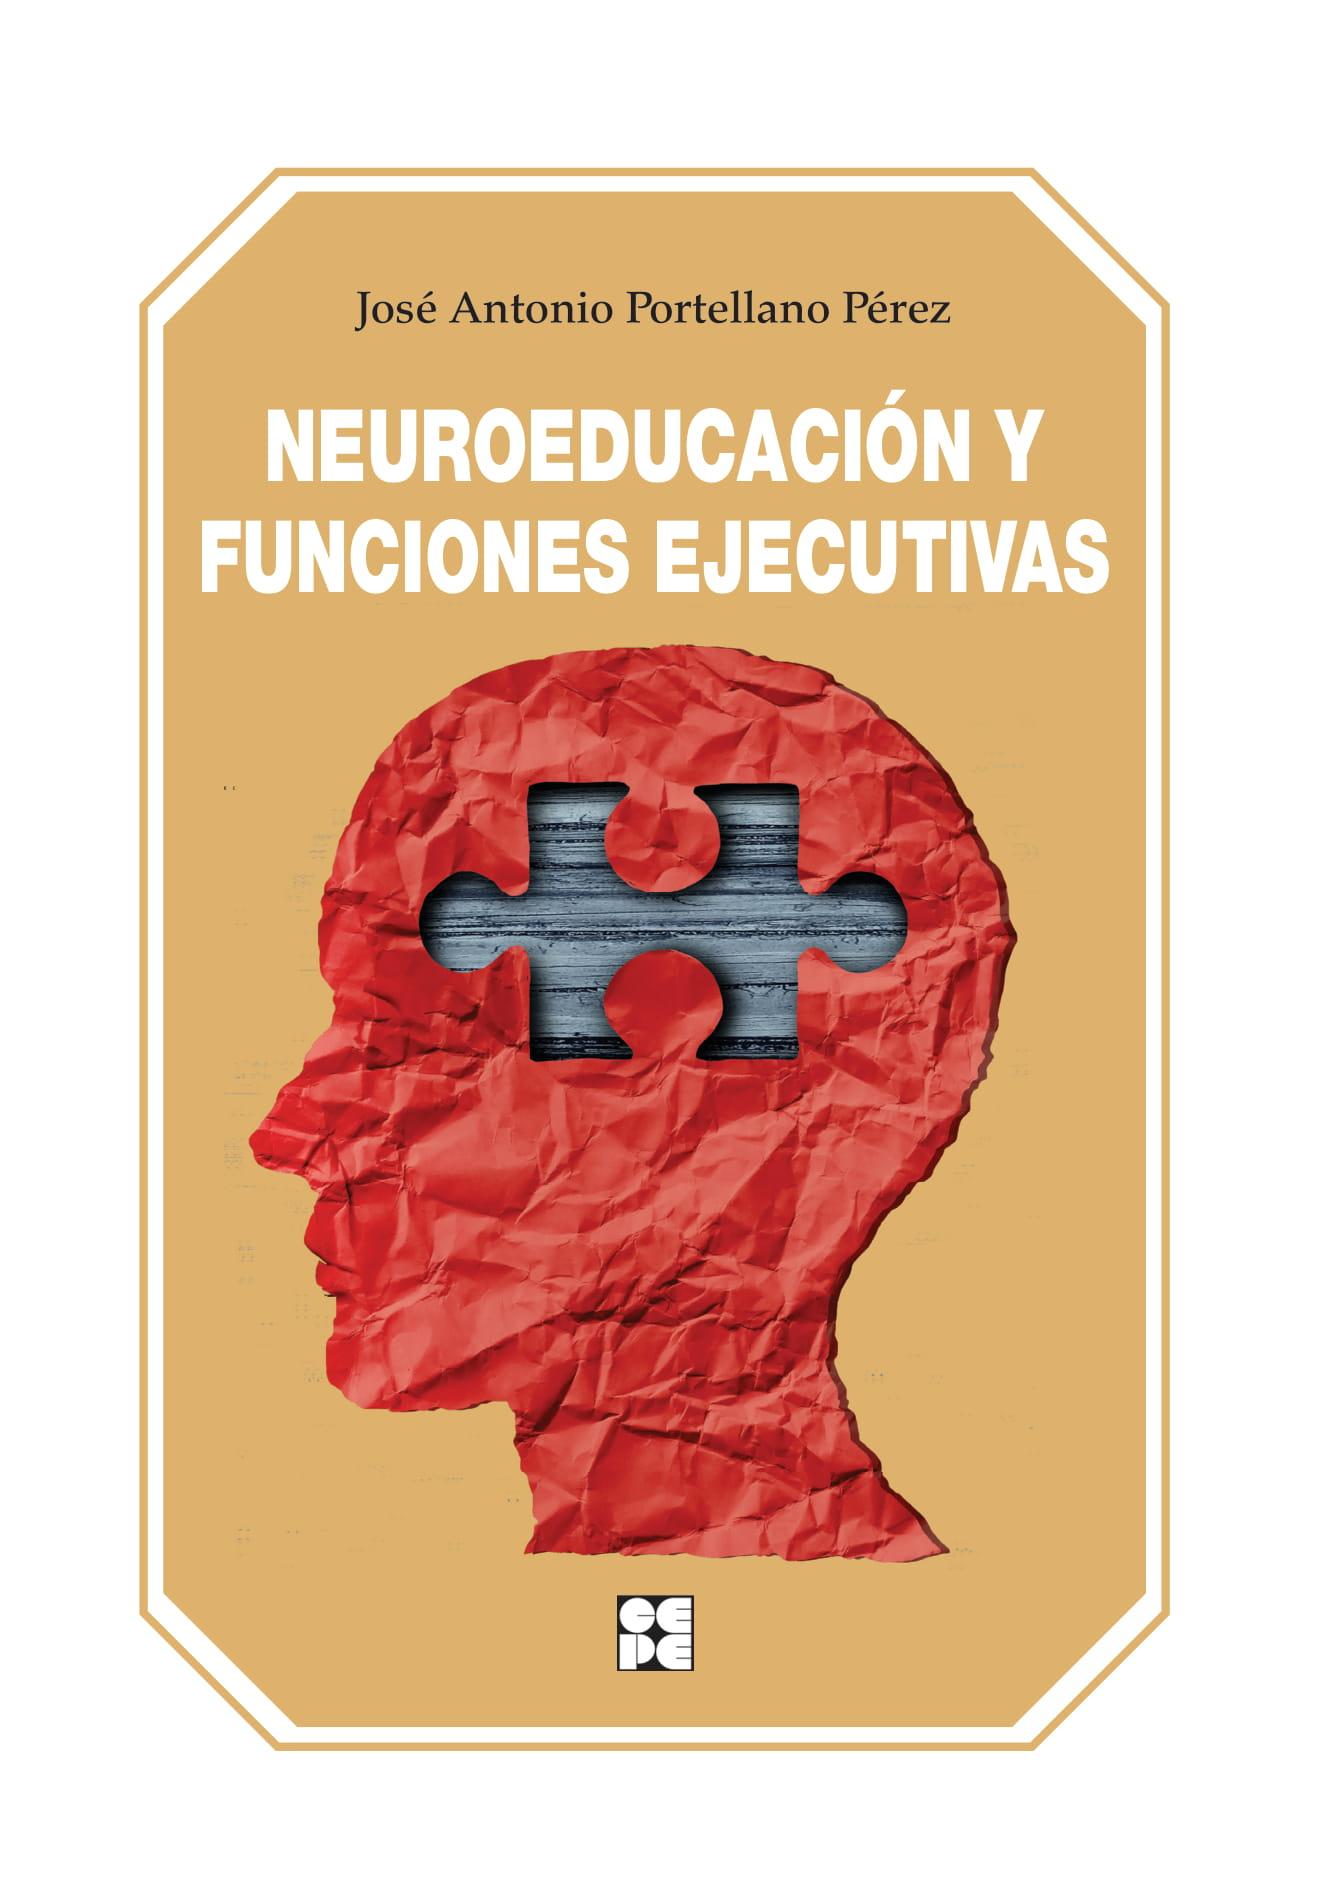 Neuroeducación Y Funciones Ejecutivas por Jose Antonio Portellano Perez